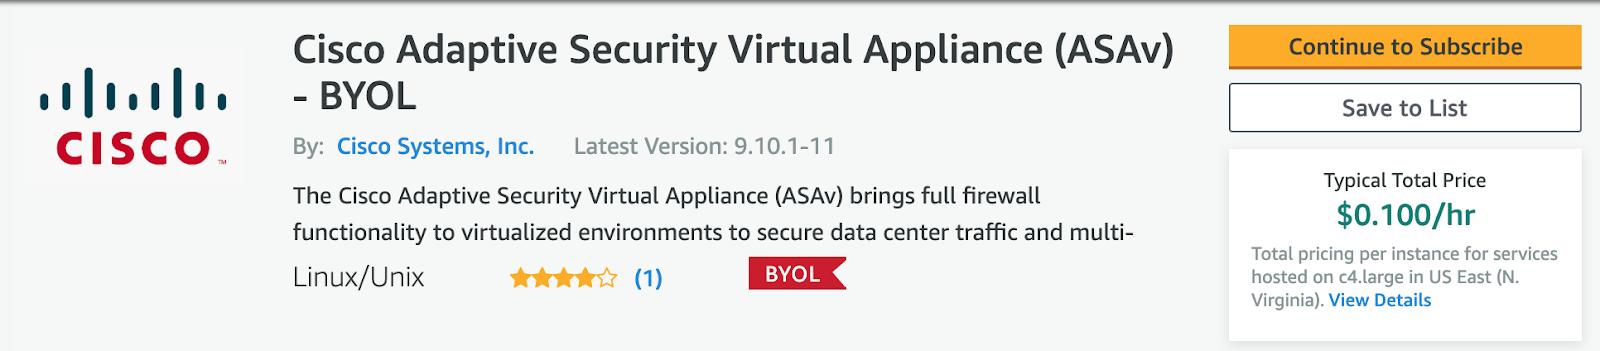 Kyler Middleton: Deploy Cisco ASAv in AWS for Infrastructure VPN